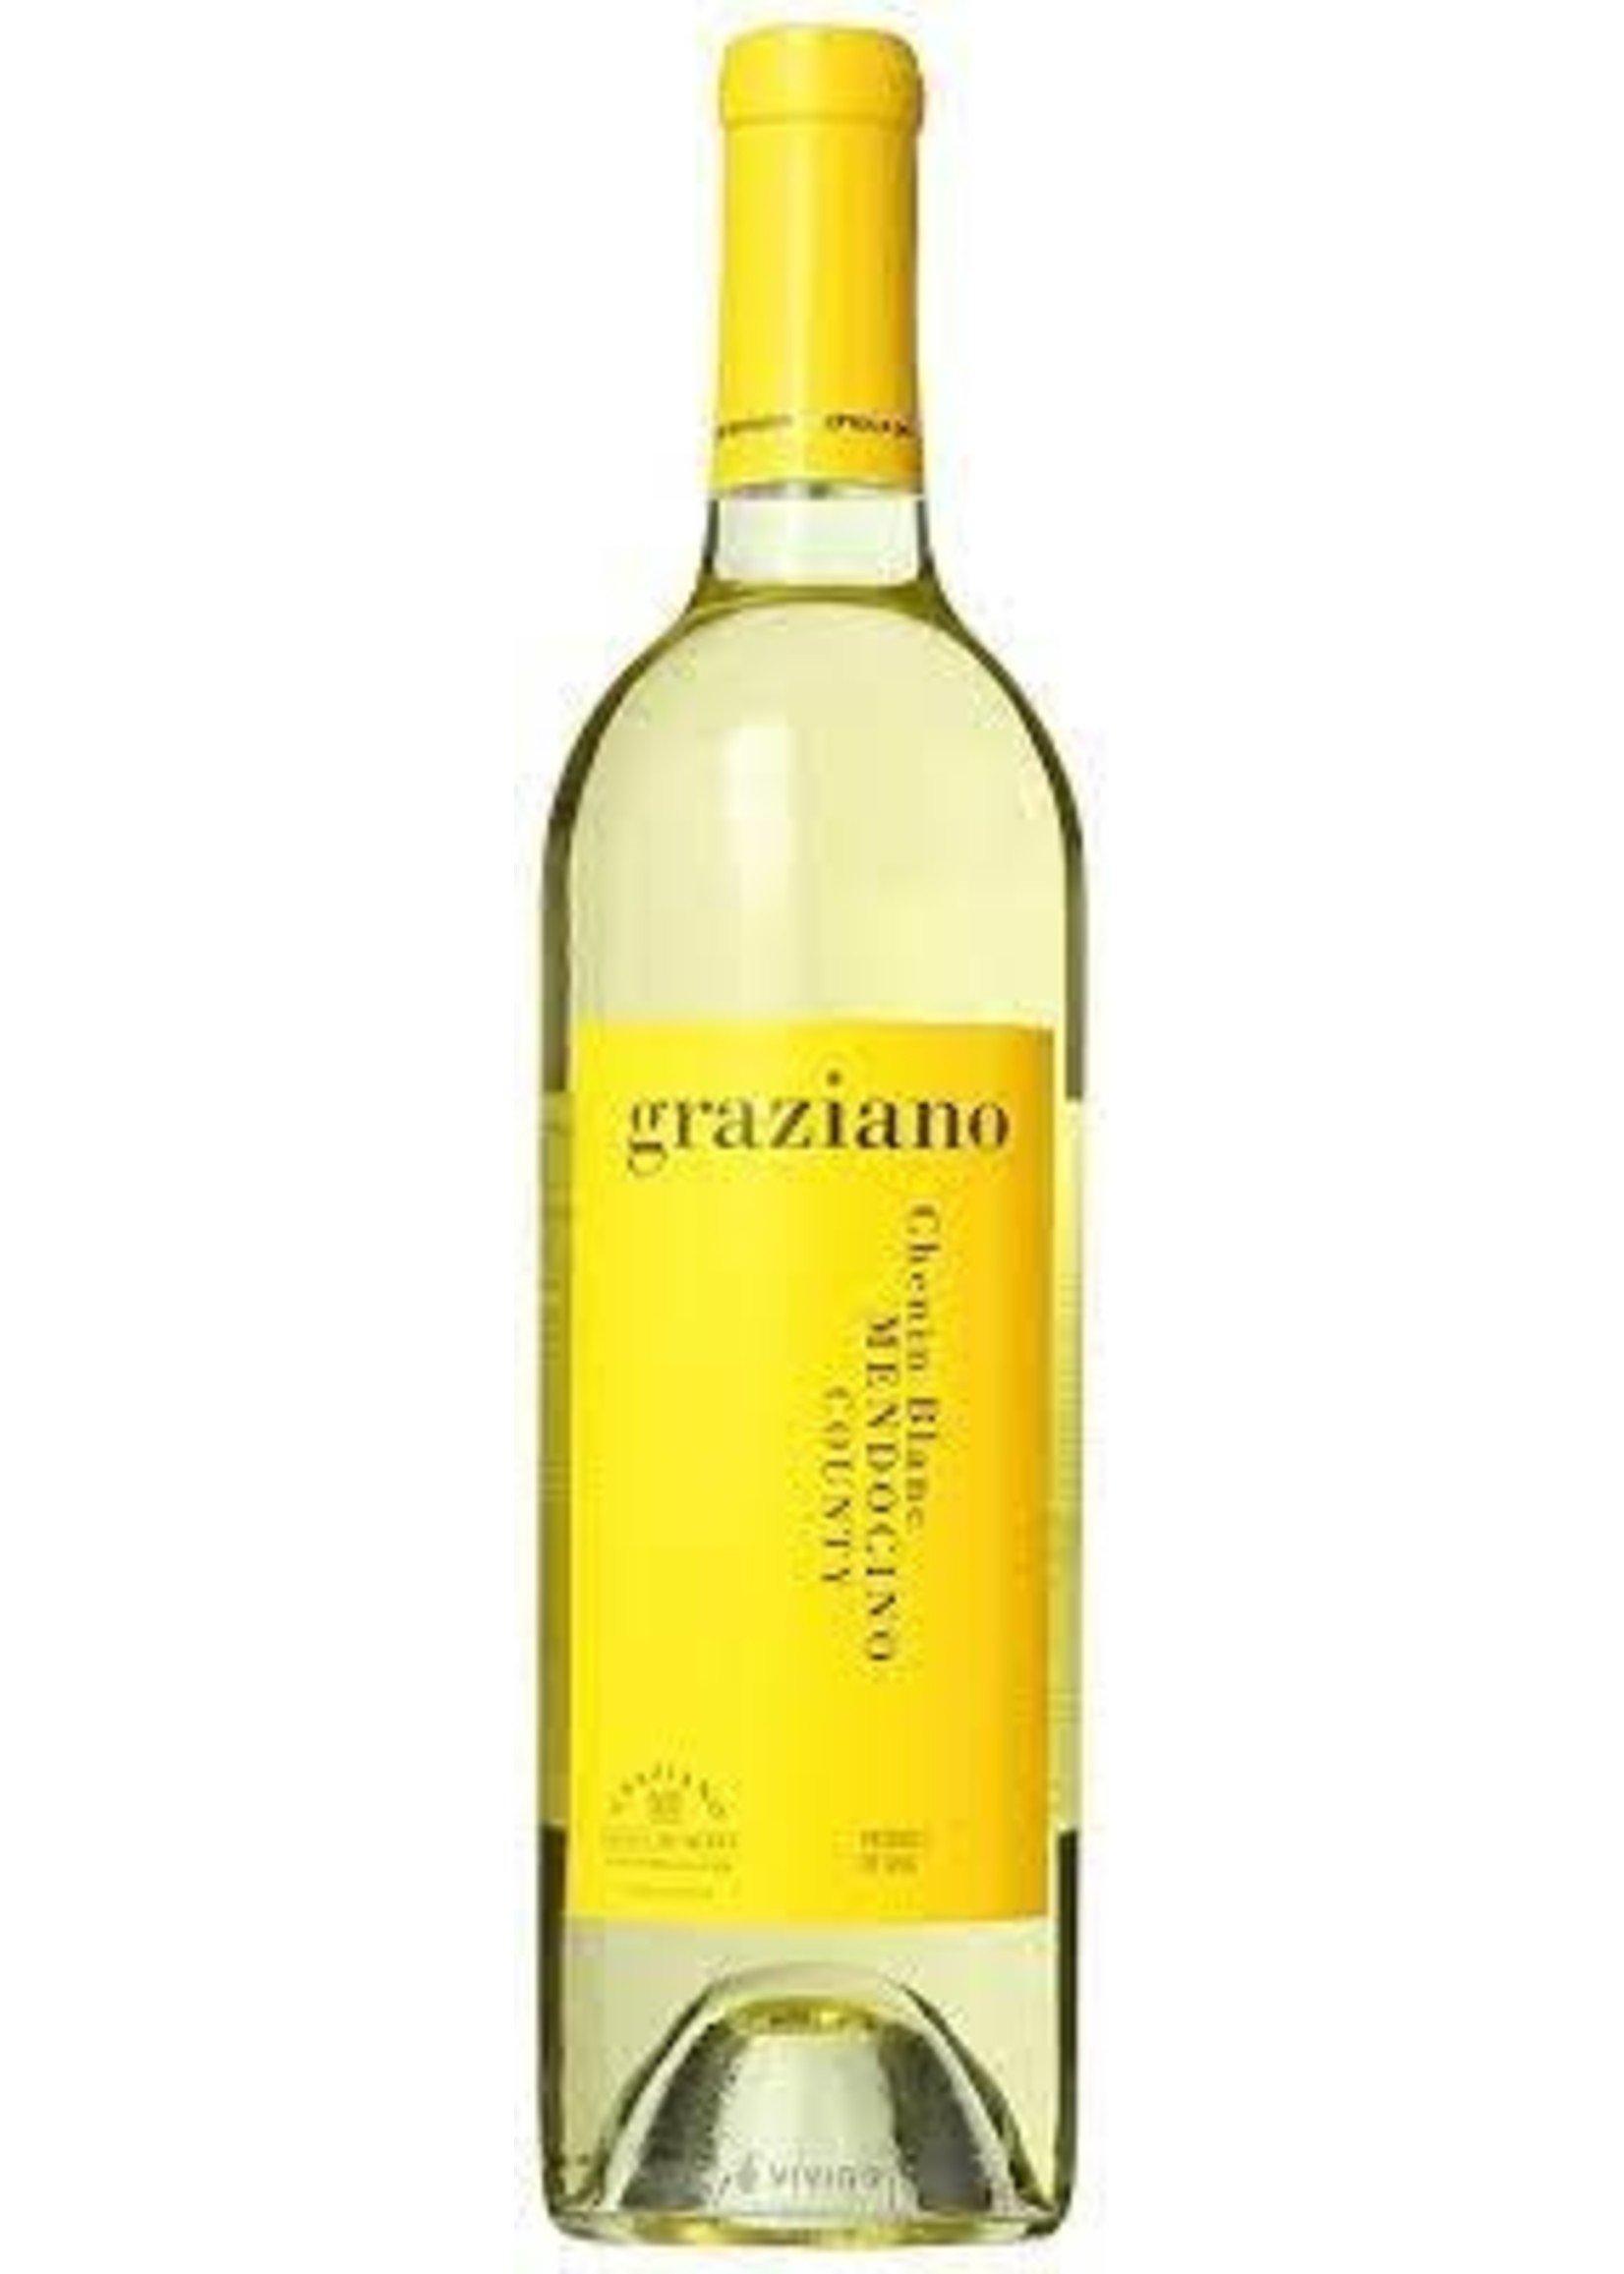 Graziano 2018 Chenin Blanc 750ml